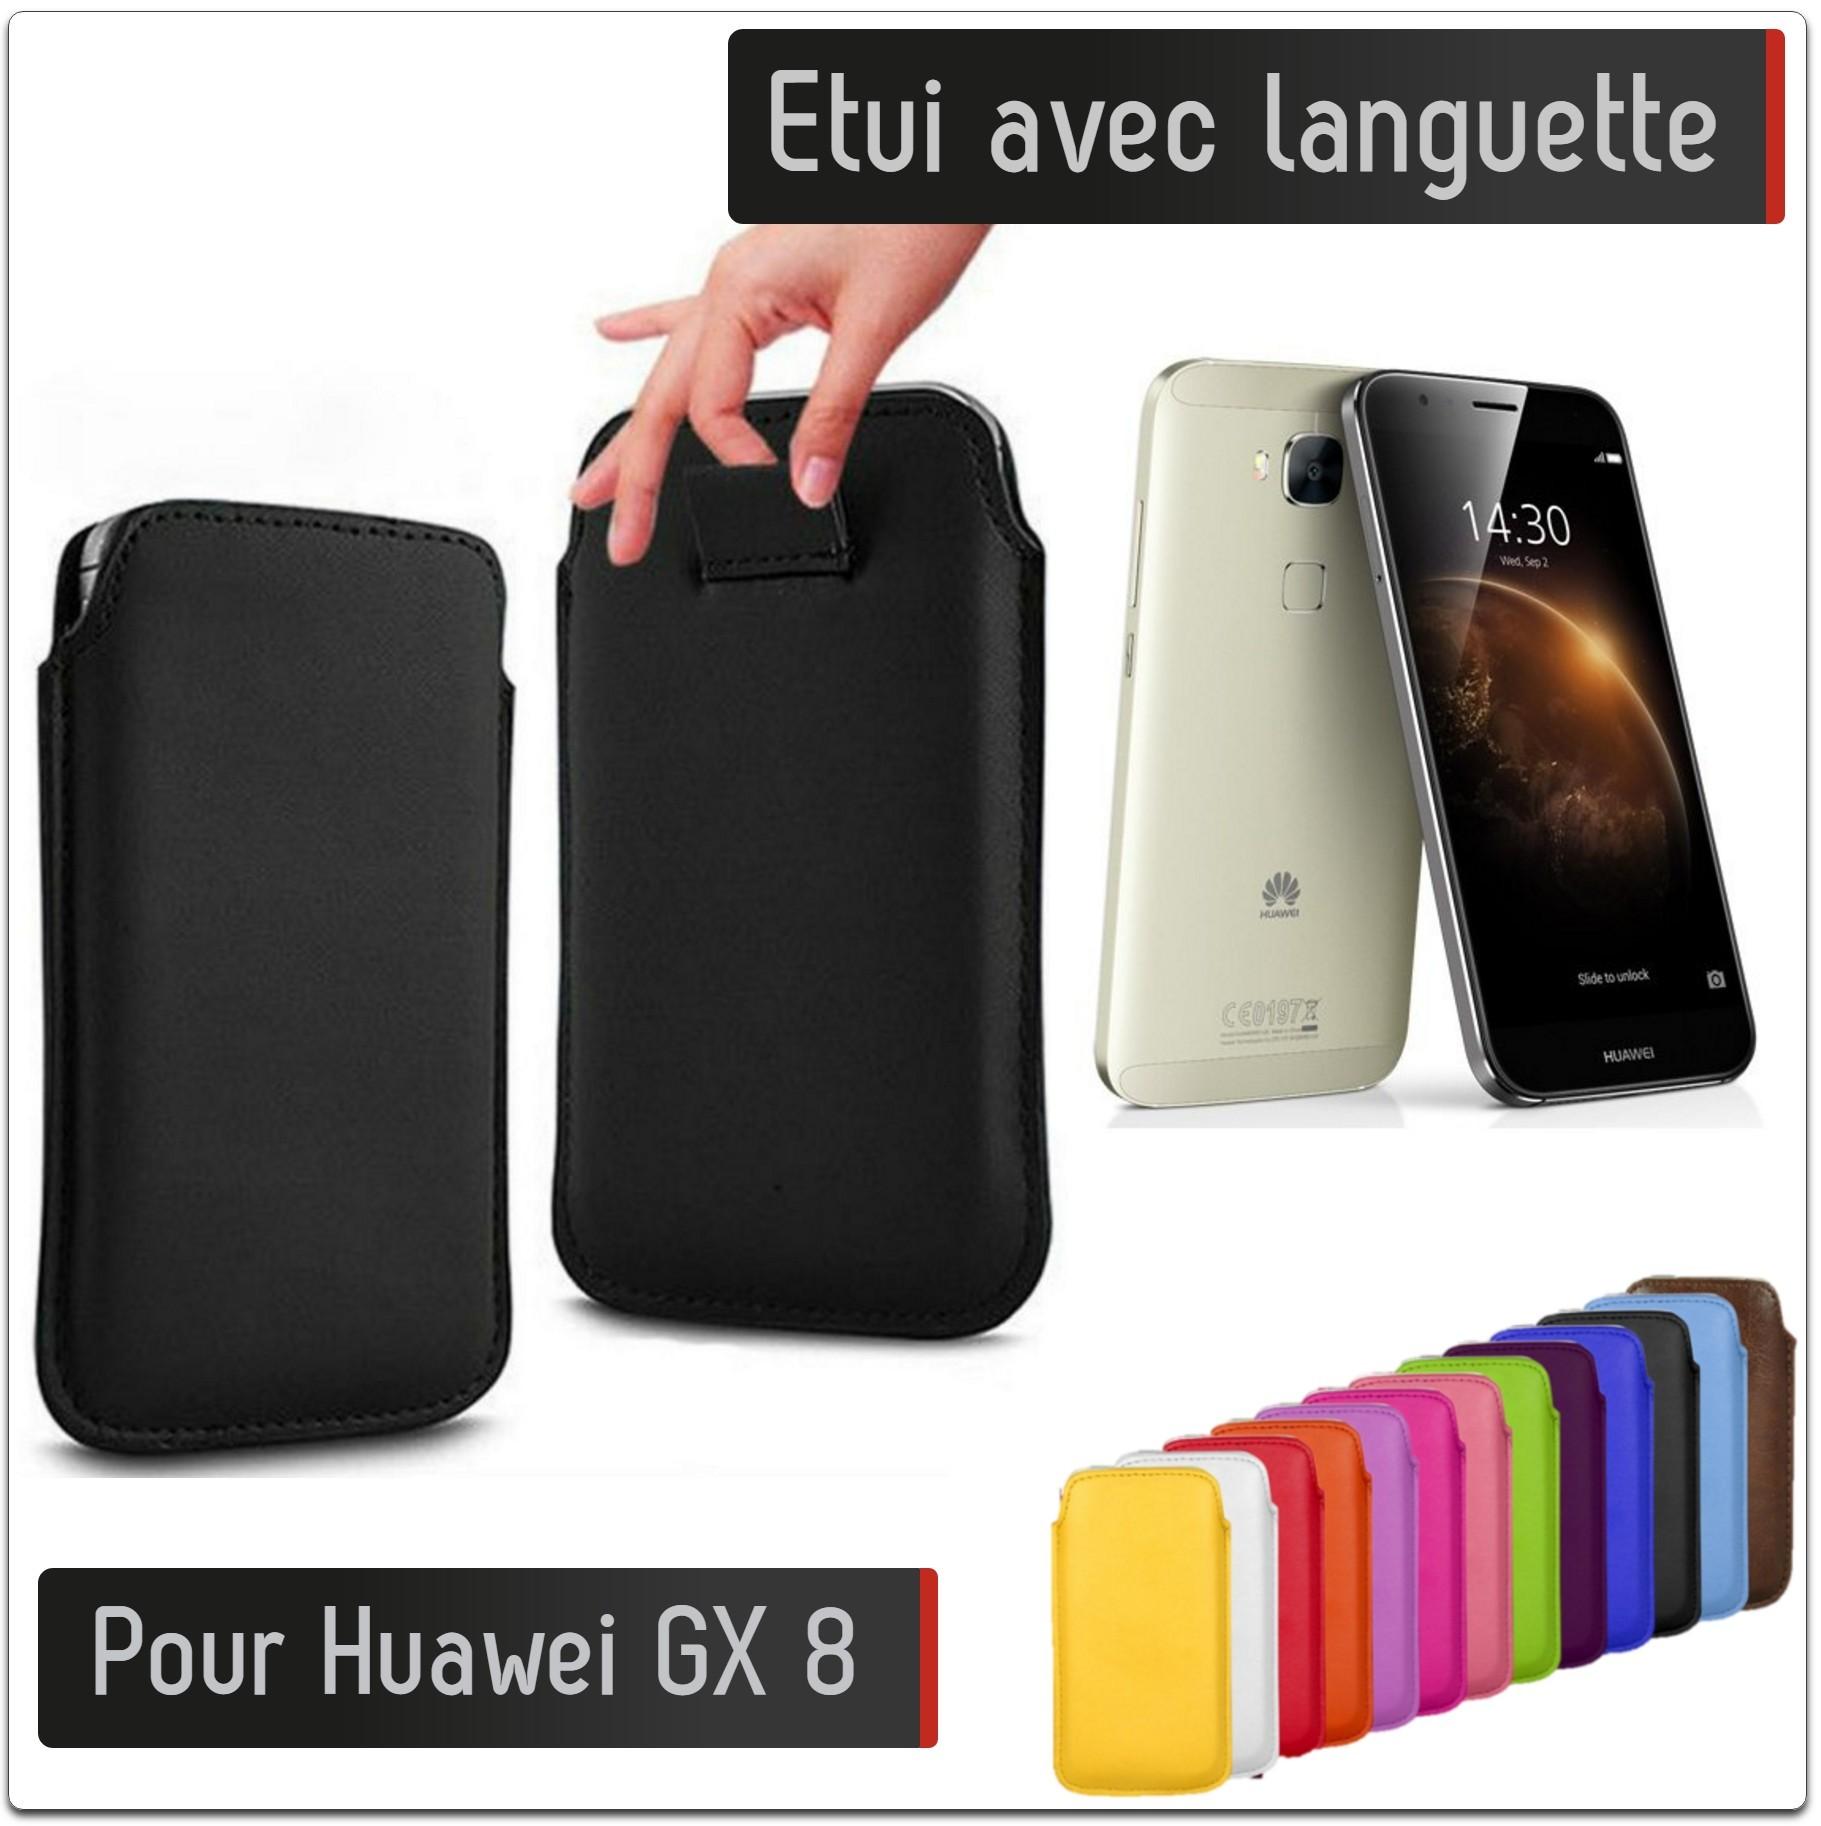 coque huawei gx8